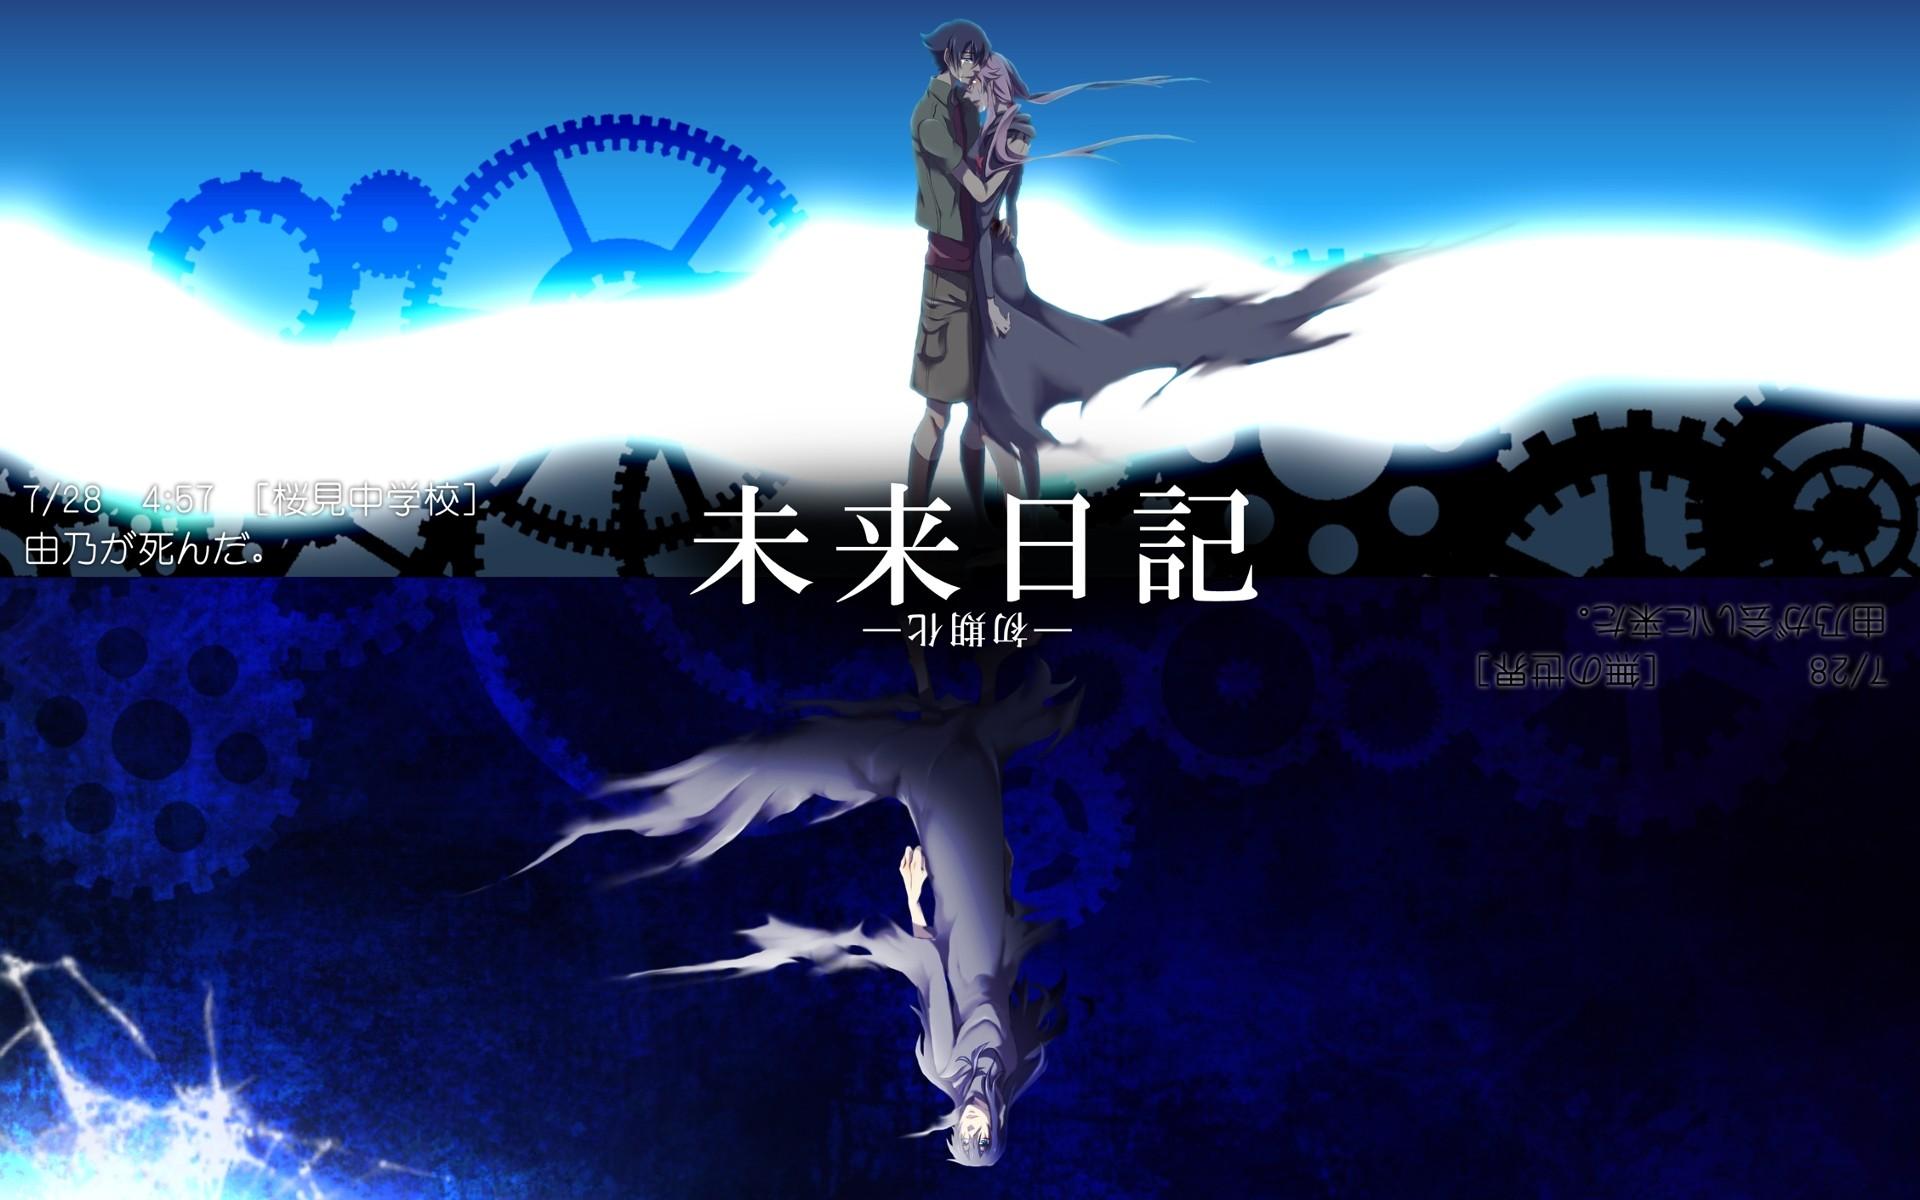 Gasai Yuno Yukiteru Amano Mirai Nikki Wallpapers Hd: Future Diary Wallpaper HD